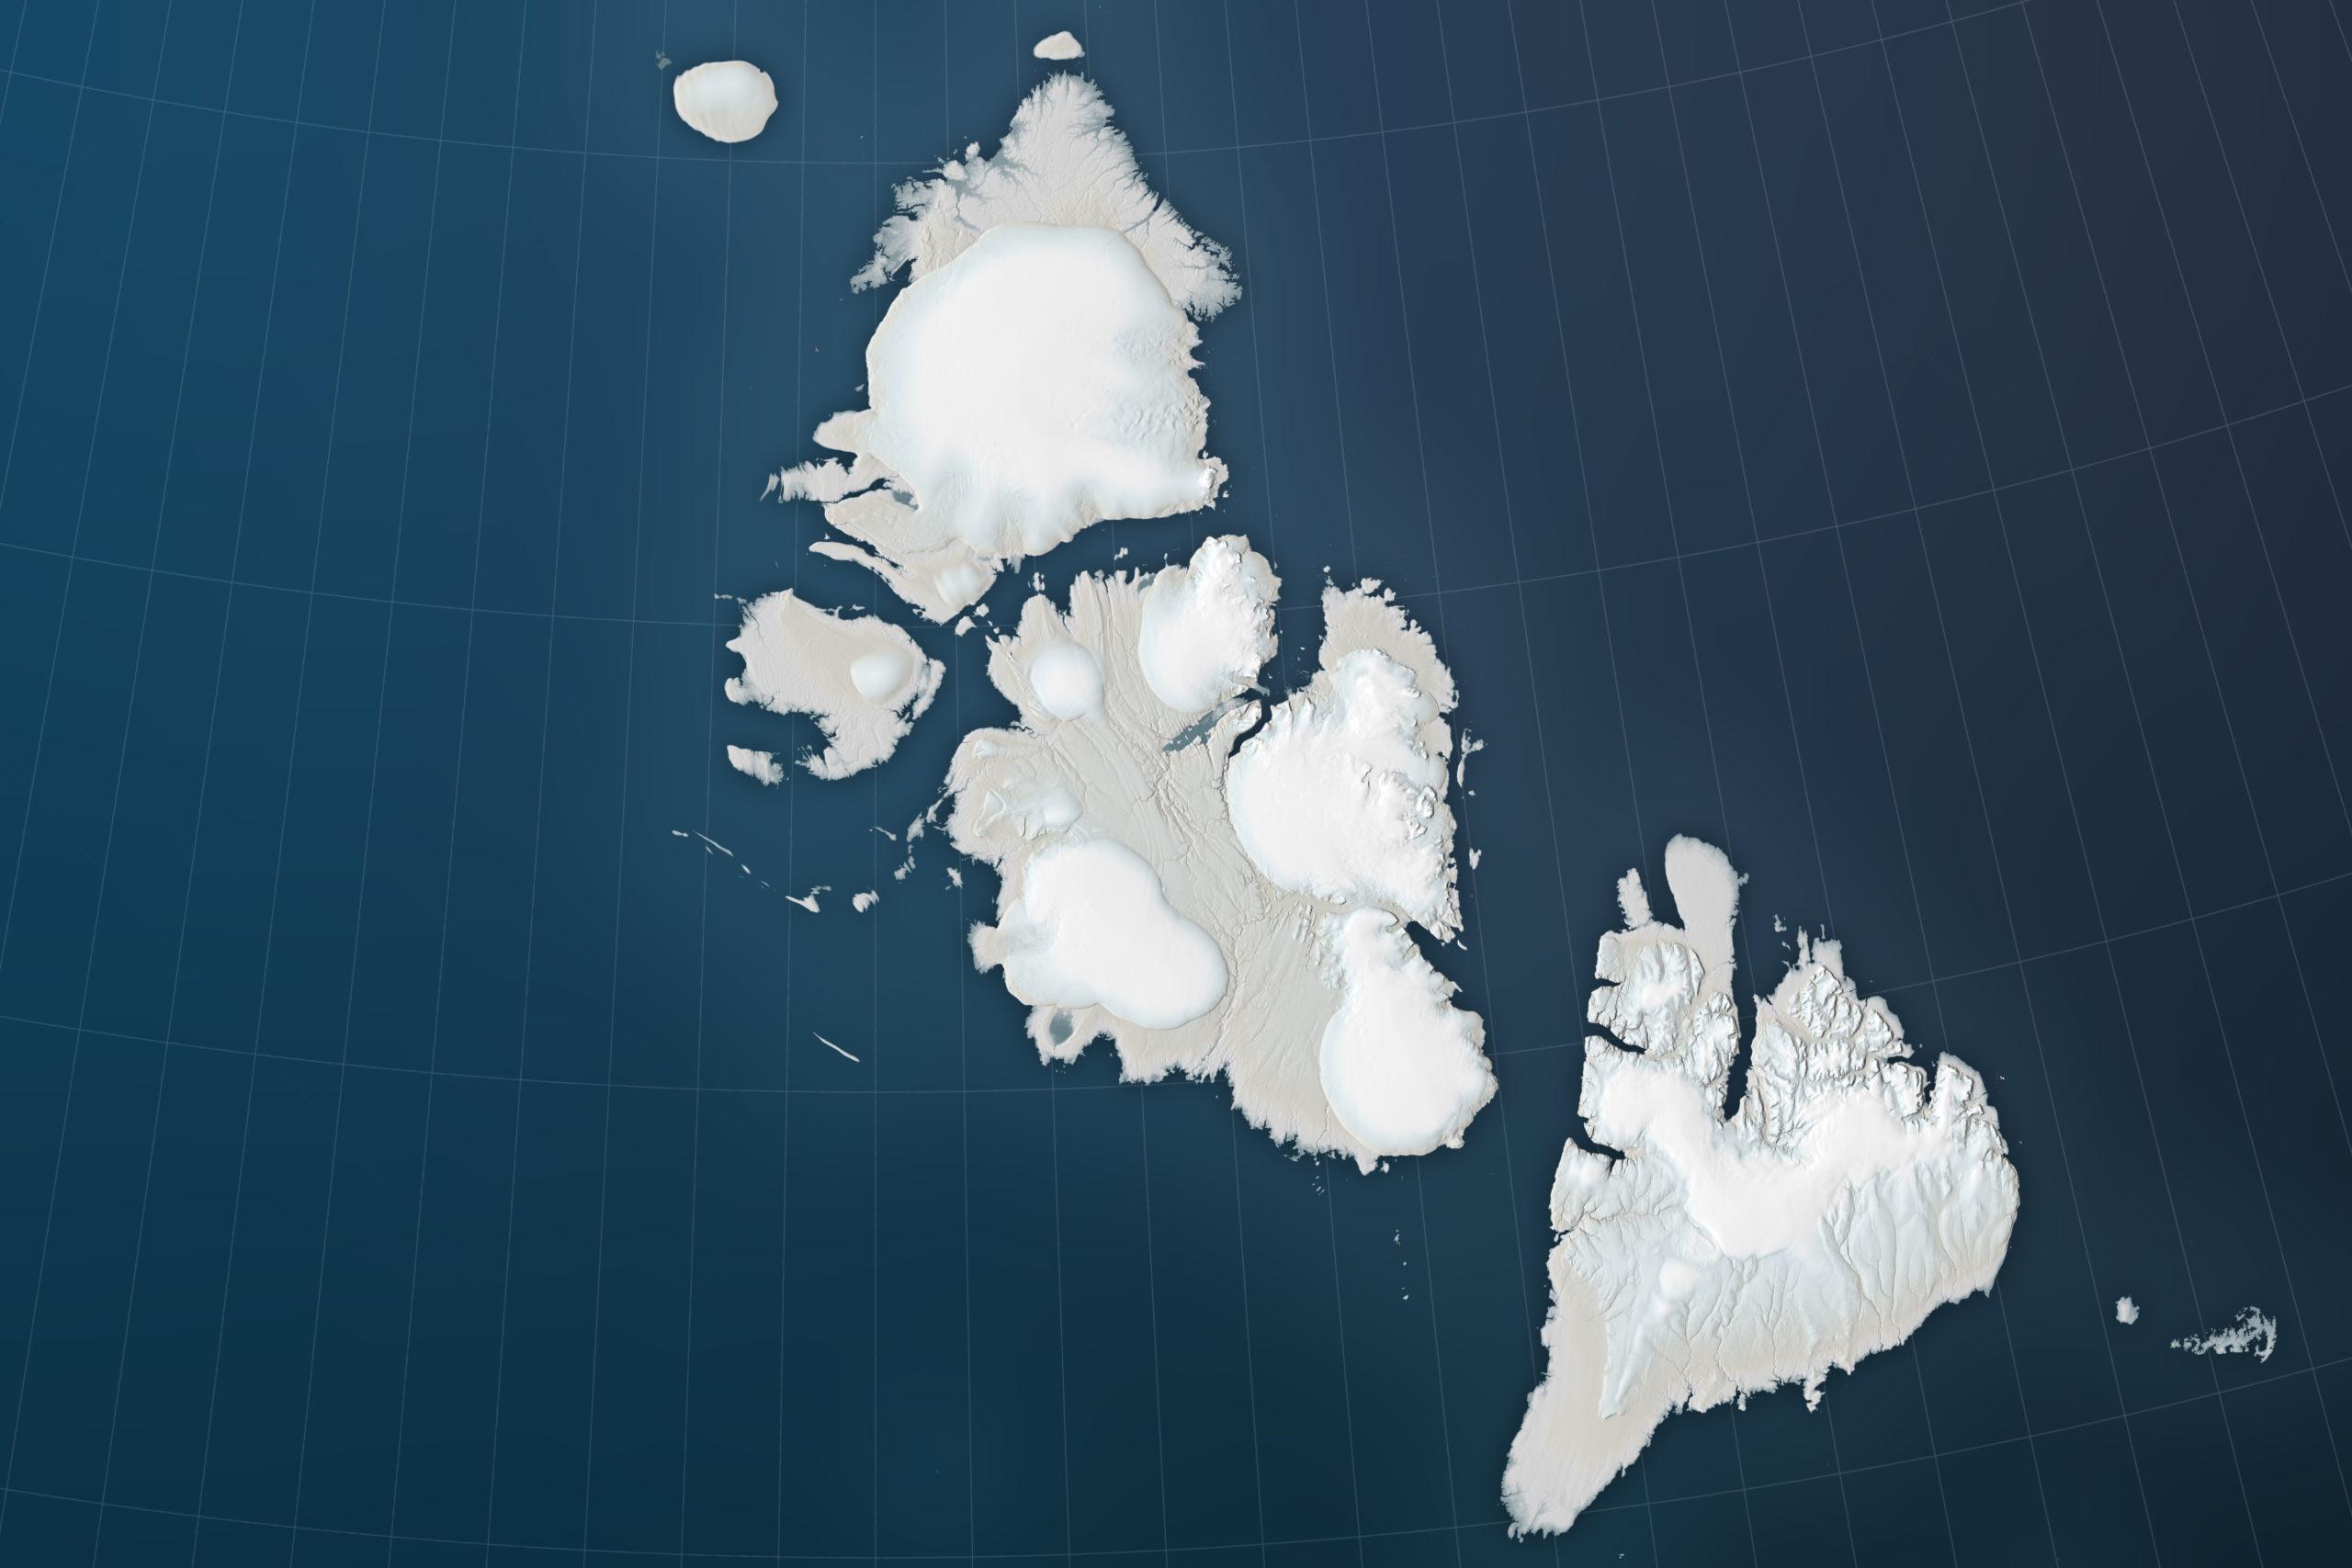 Russia's Severnaya Zemlya archipelago could be renamed after Czar Nikolai II - ArcticToday